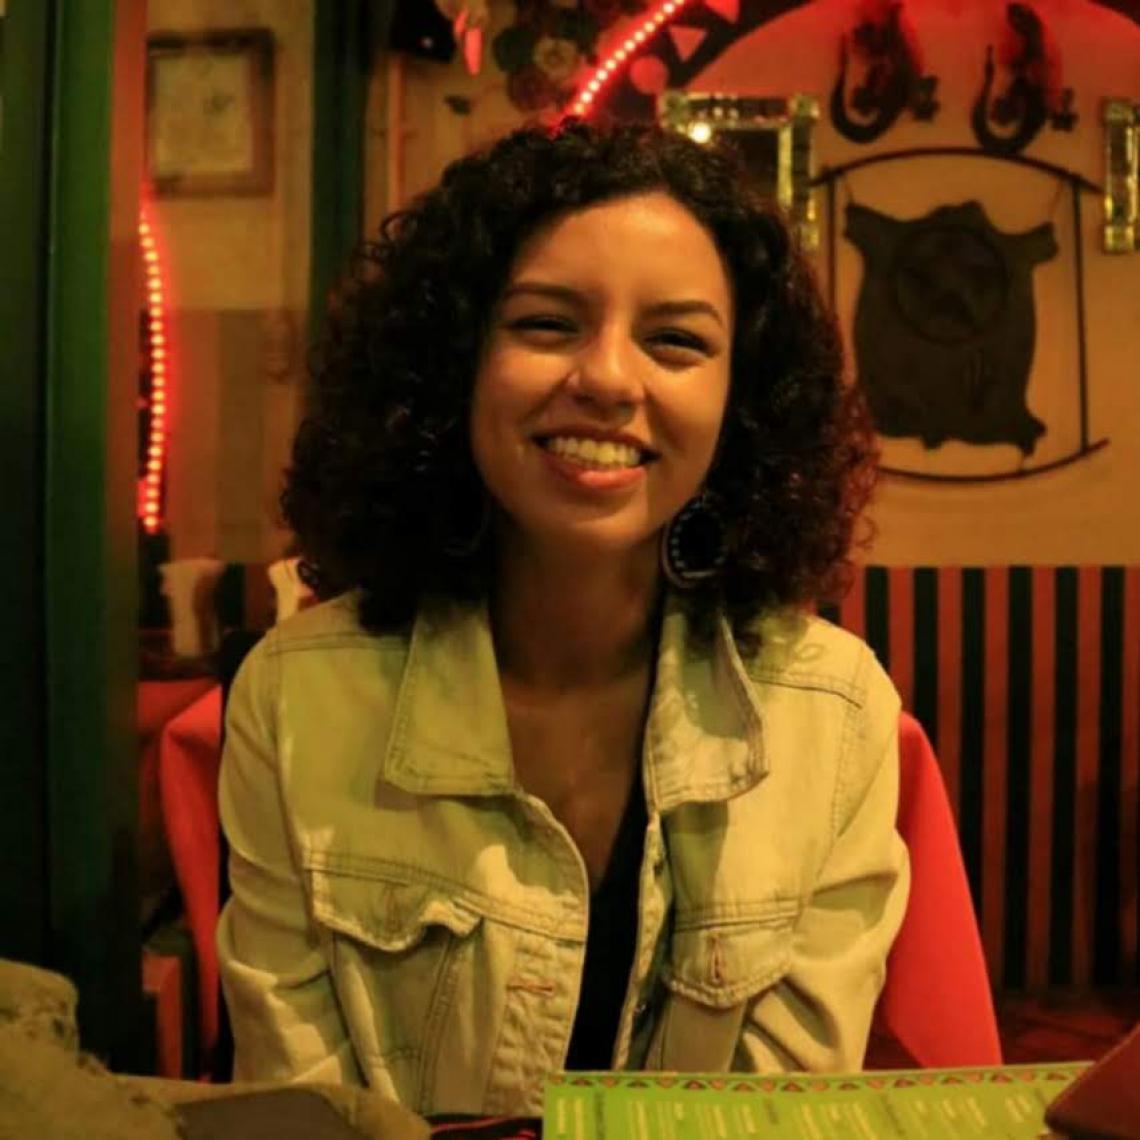 Ester Lima, de 18 anos, pretende ajudar o País com seus conhecimentos (Foto: Arquivo Pessoal)